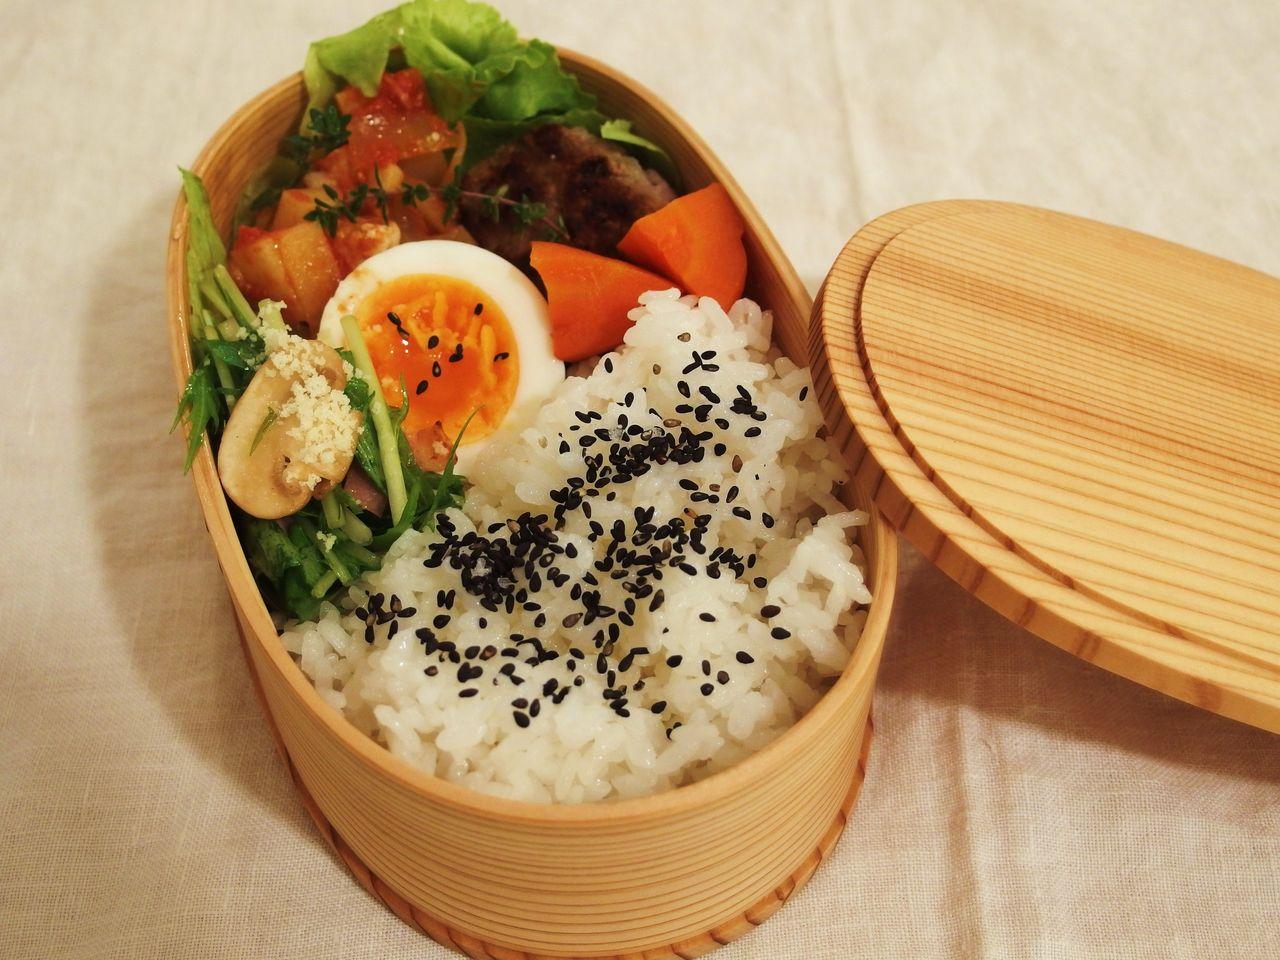 素敵なお弁当ライフ!曲げわっぱのお弁当箱の魅力にせまります!のサムネイル画像